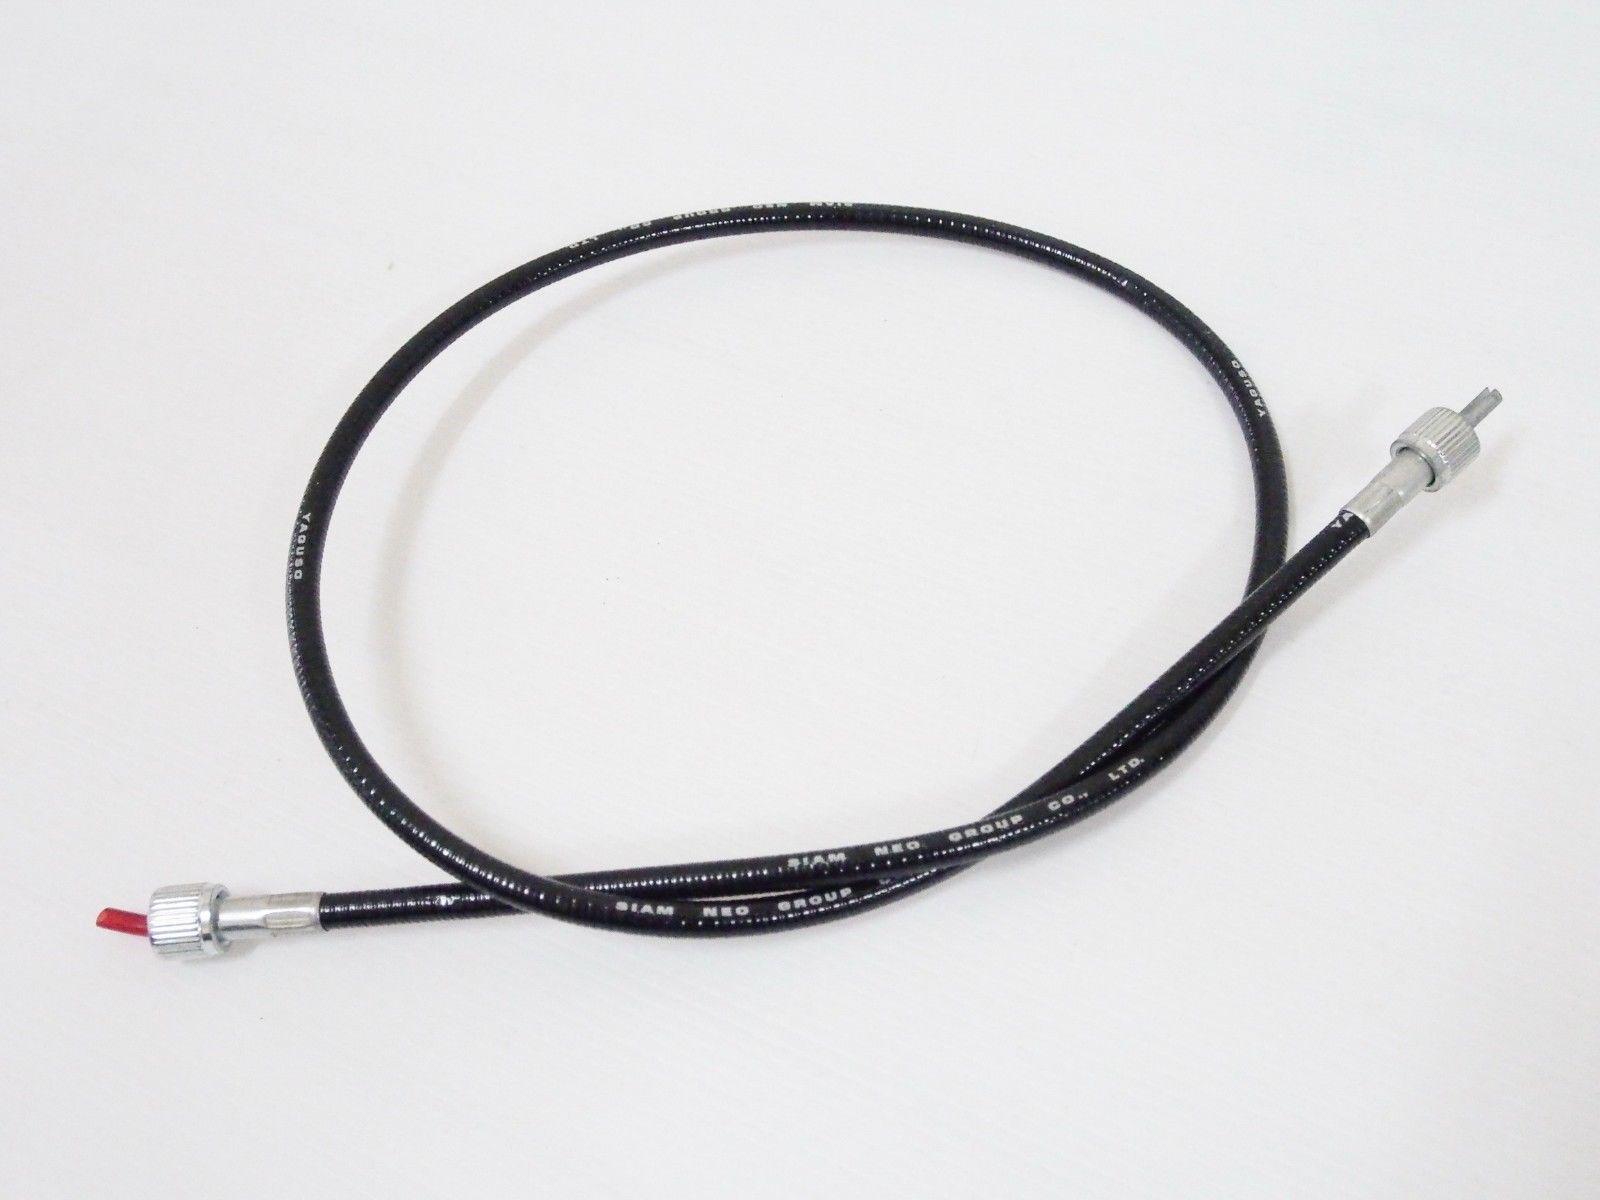 POWERHEAD BASE GASKET MERCURY MARINER OUTBOARD 75 90 115 HP 4 STROKE 27-8587321